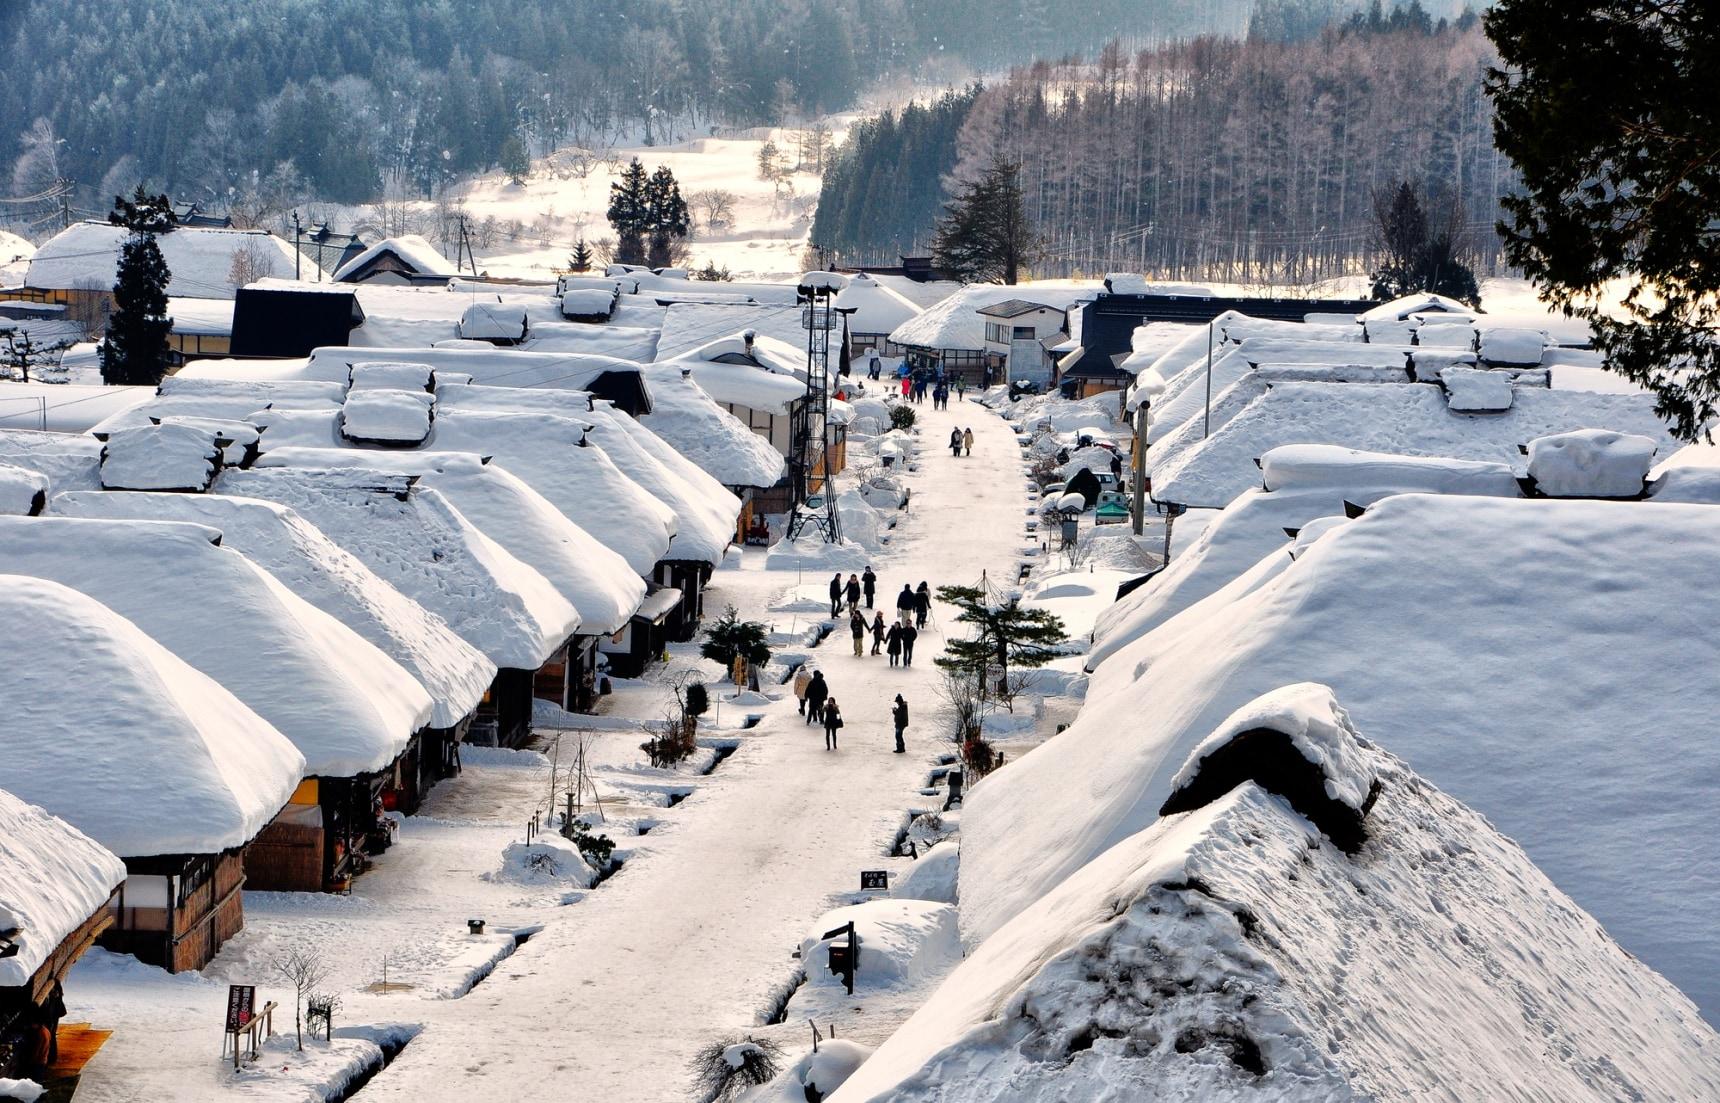 10 จุดถ่ายรูปวิวสุดสวยของญี่ปุ่นฤดูหนาว